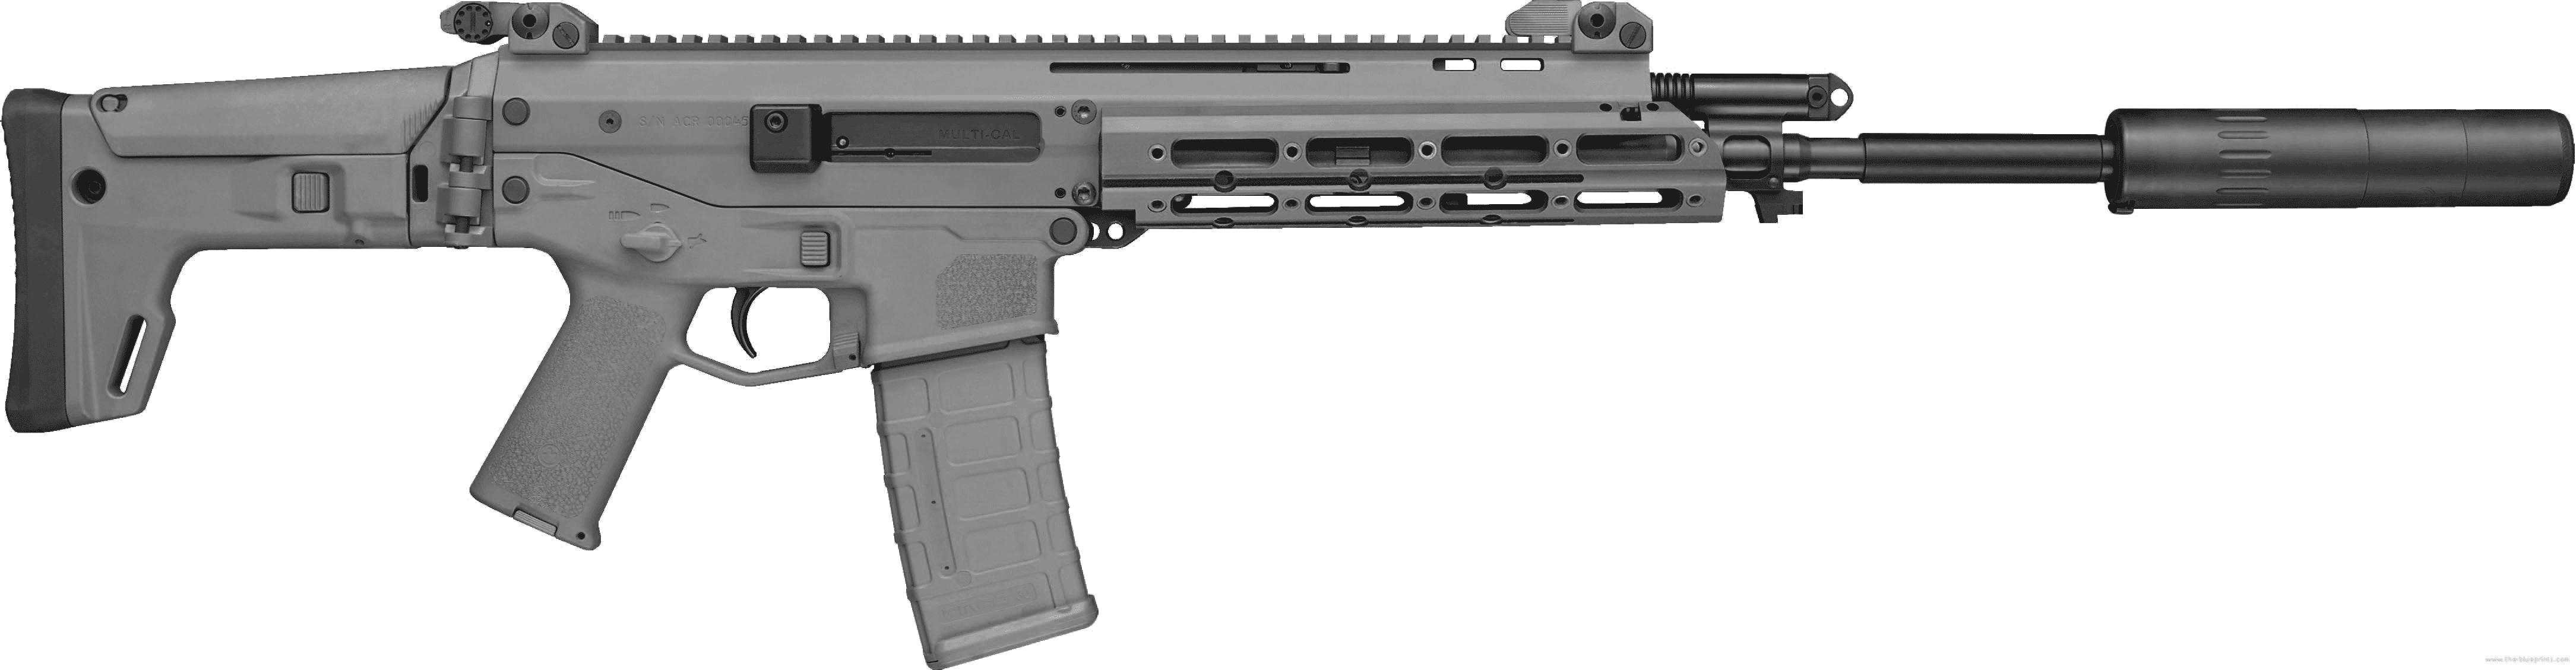 Assault rifle PNG - Assault Rifle HD PNG